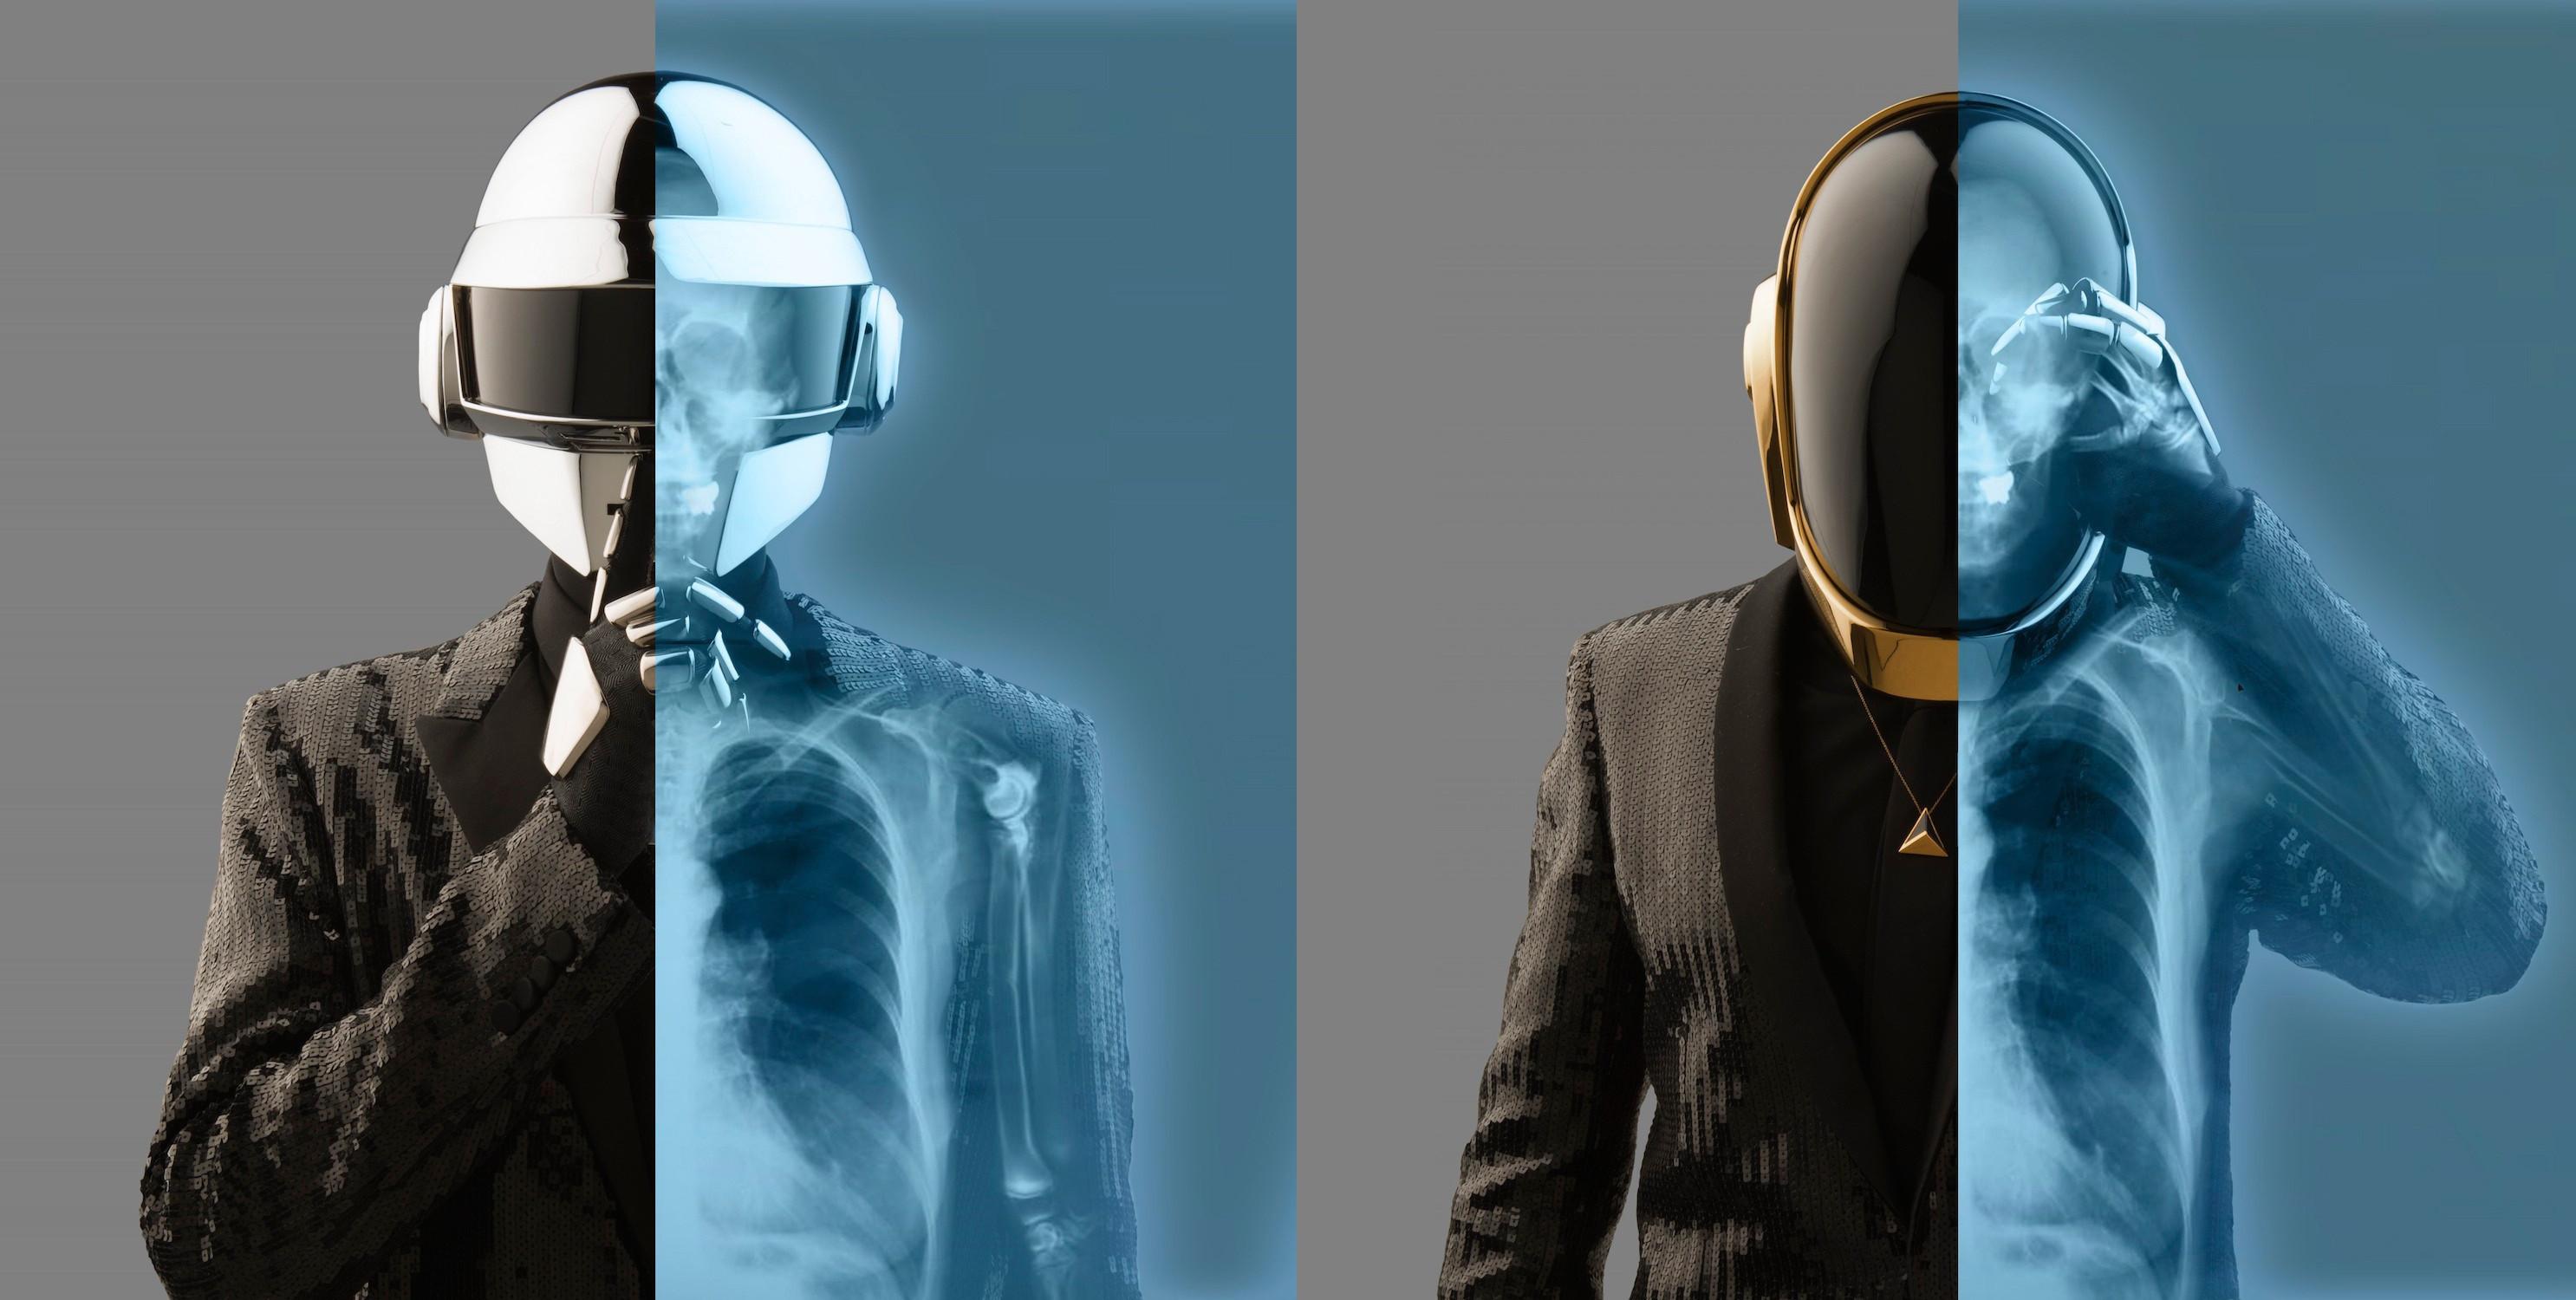 Daft Punk skull skulls x ray skeleton wallpaper 2972x1500 117271 2972x1500